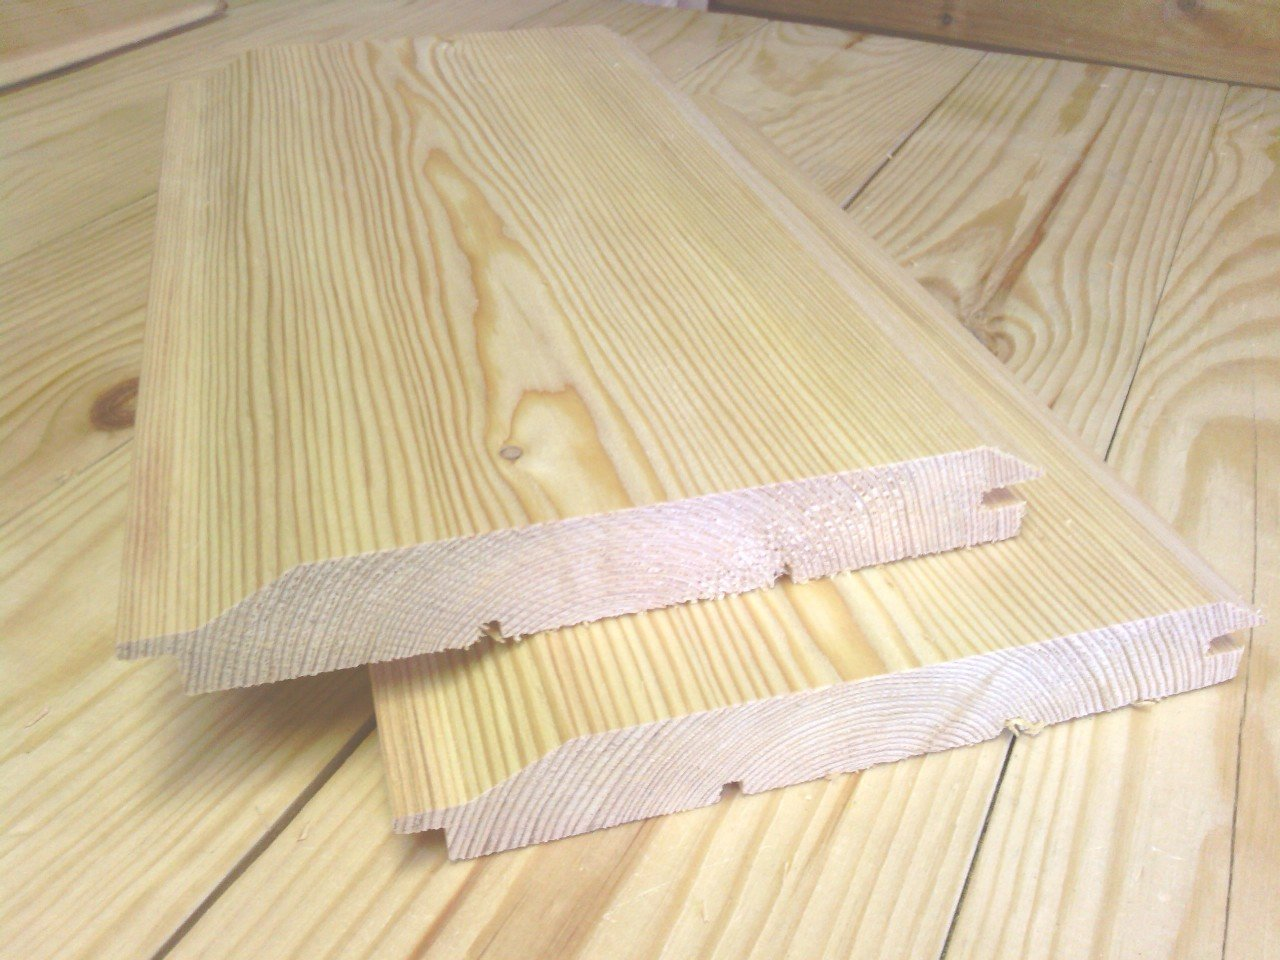 Вагонка встала «домиком»: какие ошибки приводят к дефекту отделка и утепление,ремонт и строительство